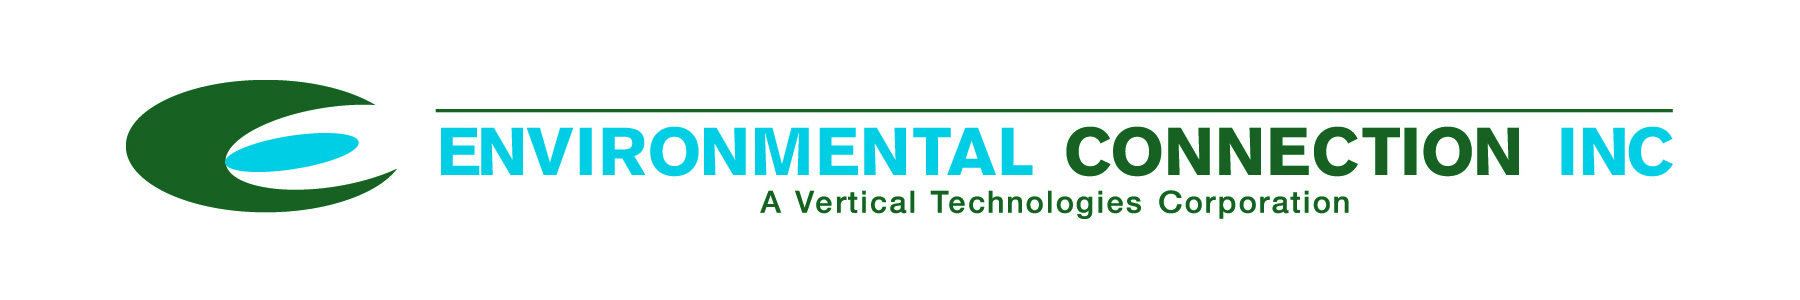 Environmental Connection